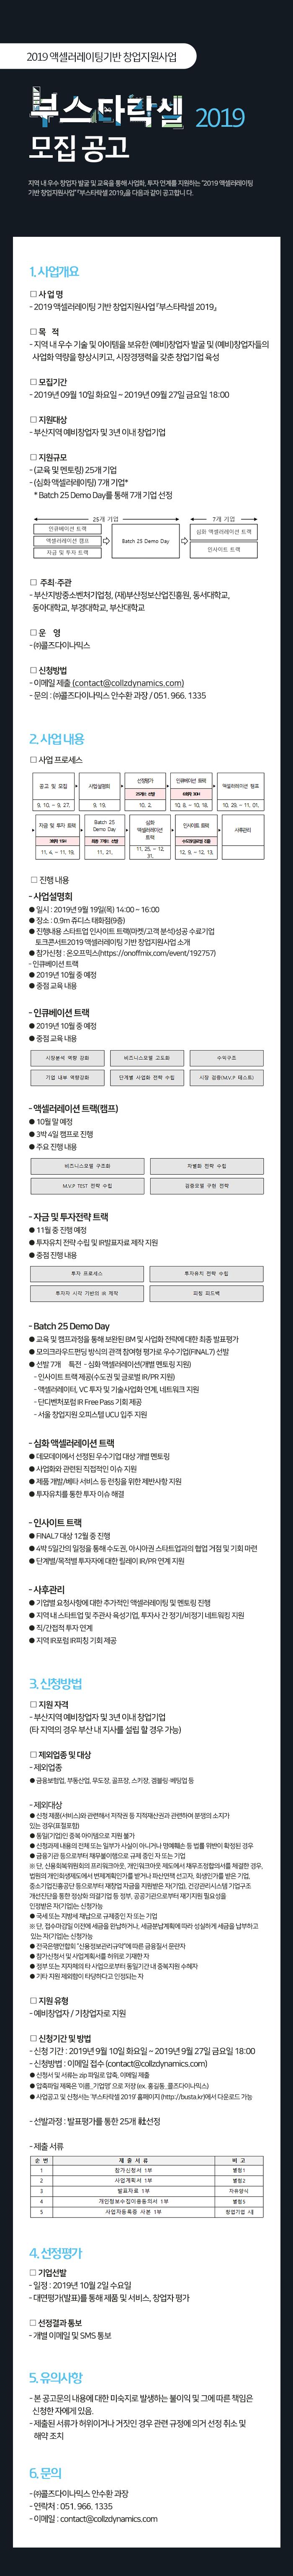 2019 액셀러레이팅기반 창업지원사업 부스타락셀 2019 모집 공고